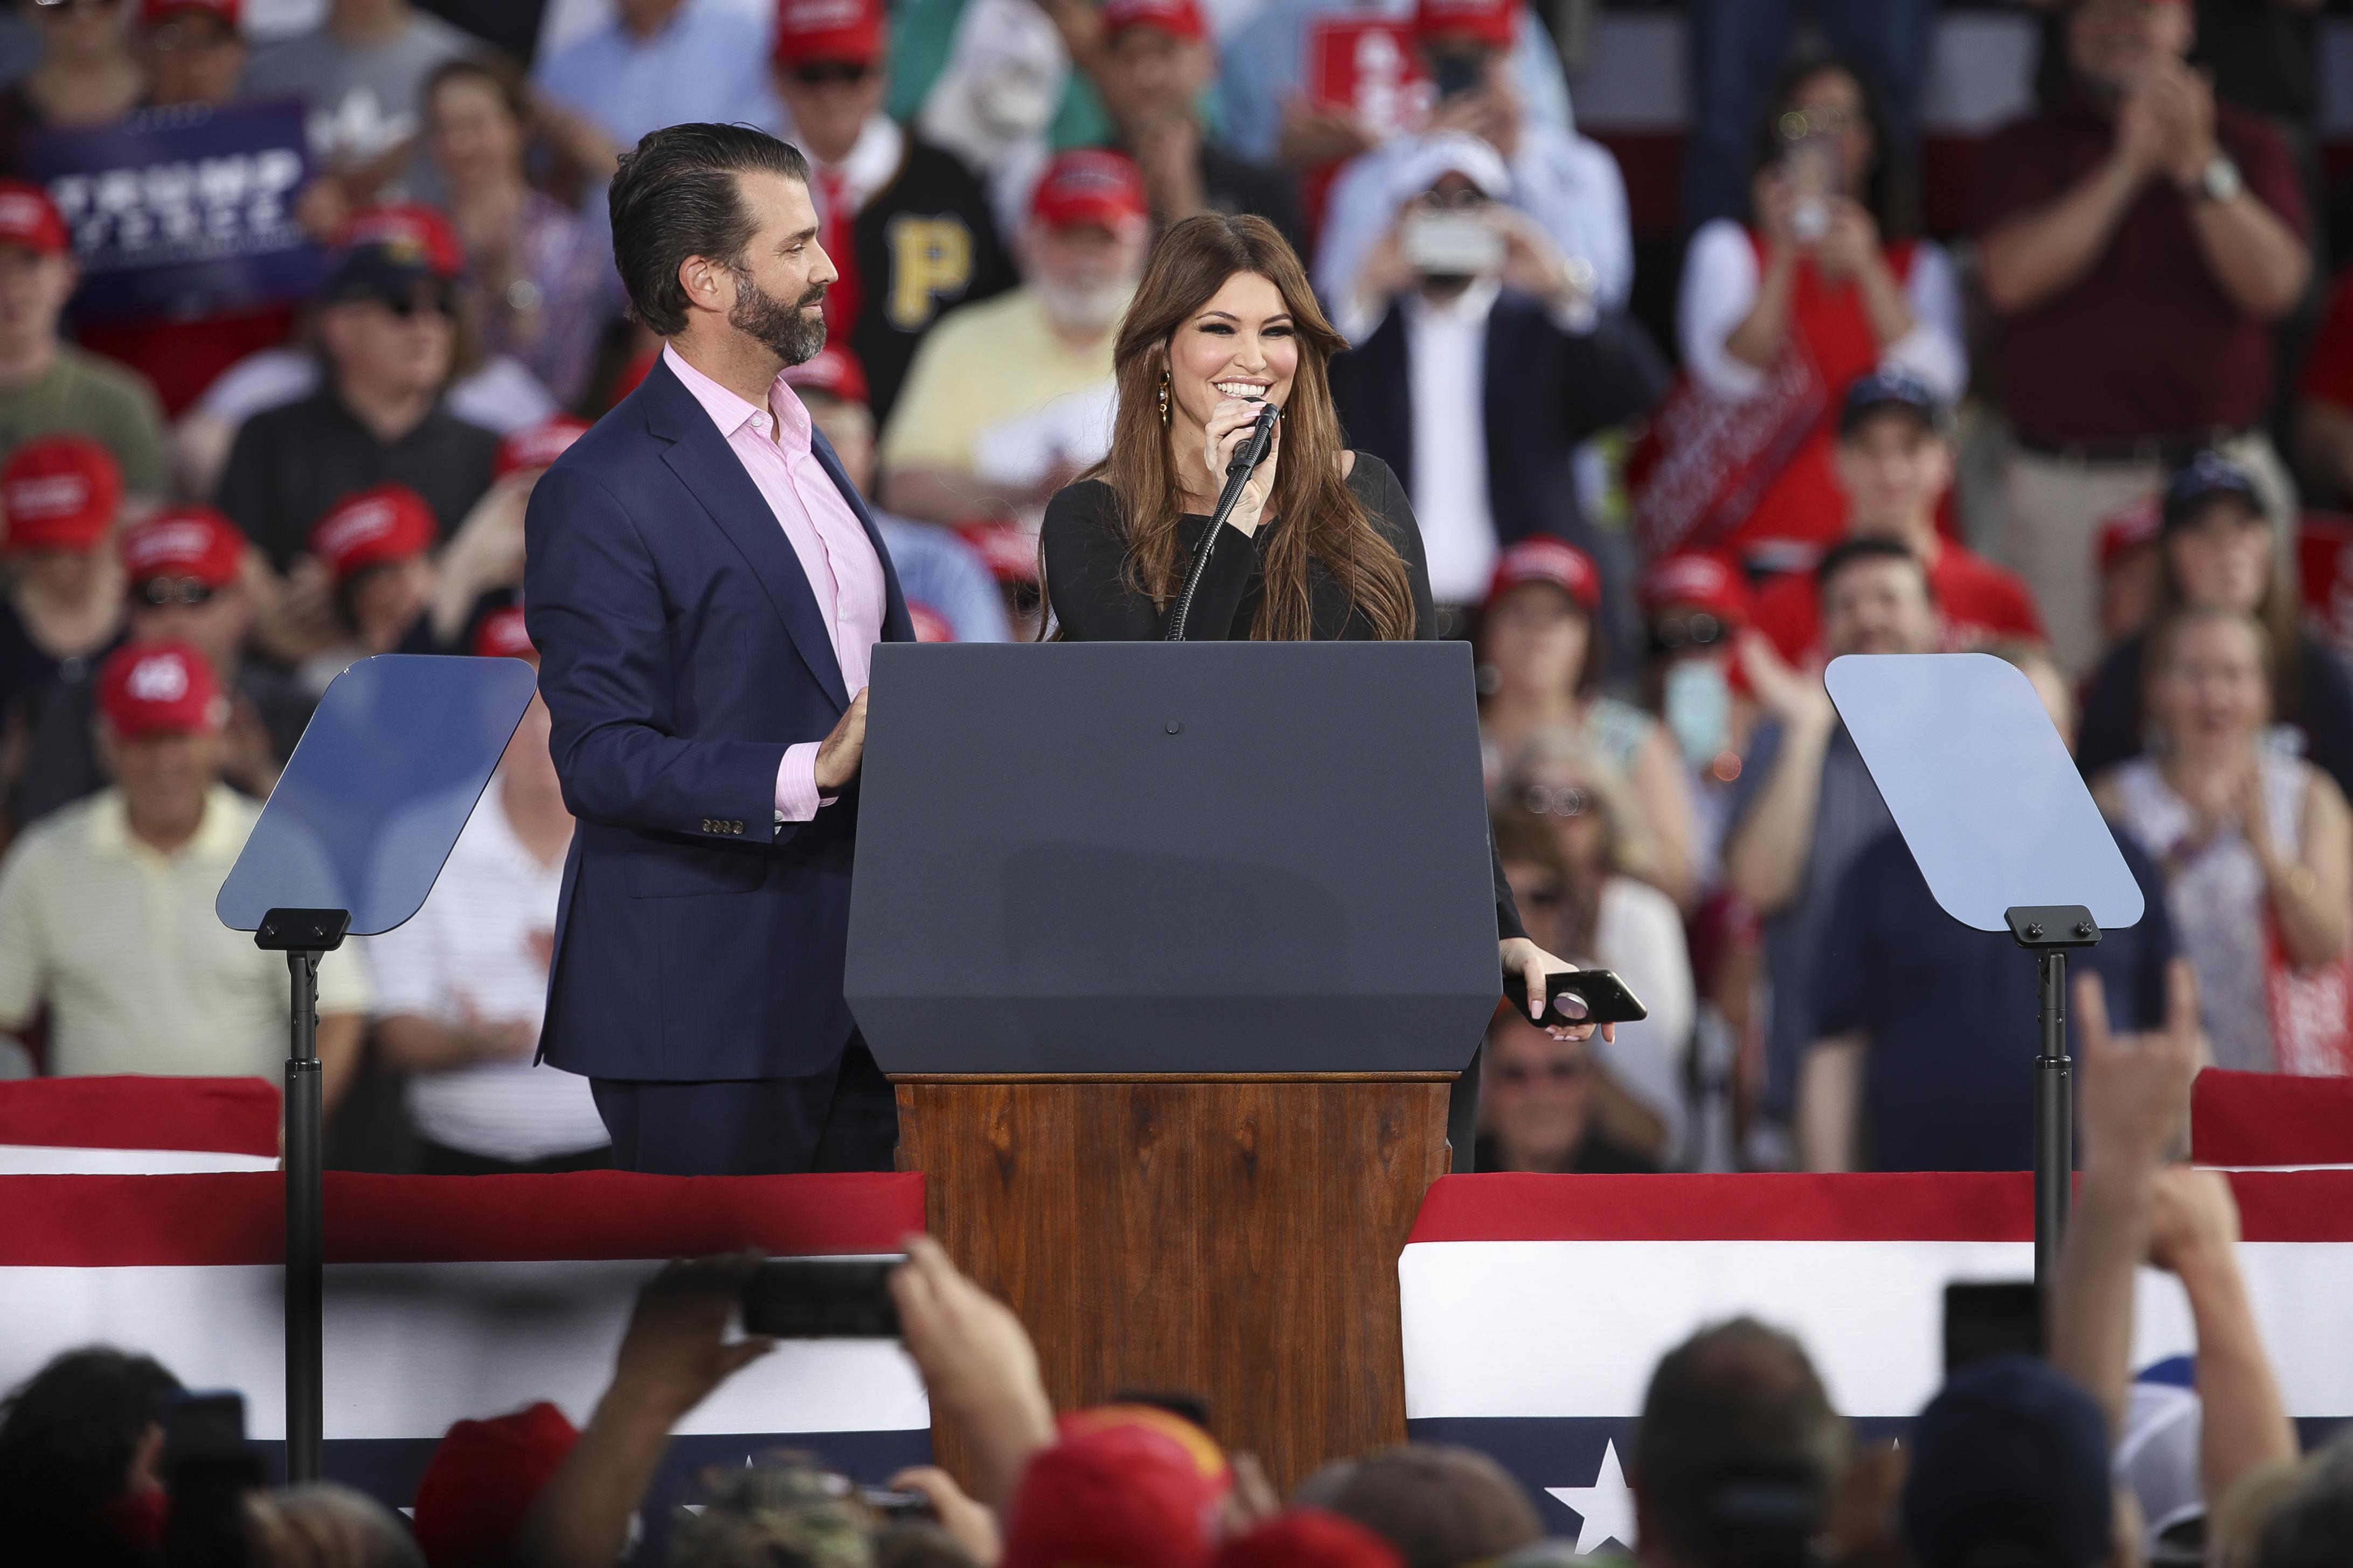 美國總統特朗普長子小唐納德的女友金伯利.吉爾福伊爾(Kimberly Guilfoyle)7月3日晚確診染疫,目前她已接受隔離、取消所有活動。(Drew Angerer/Getty Images)